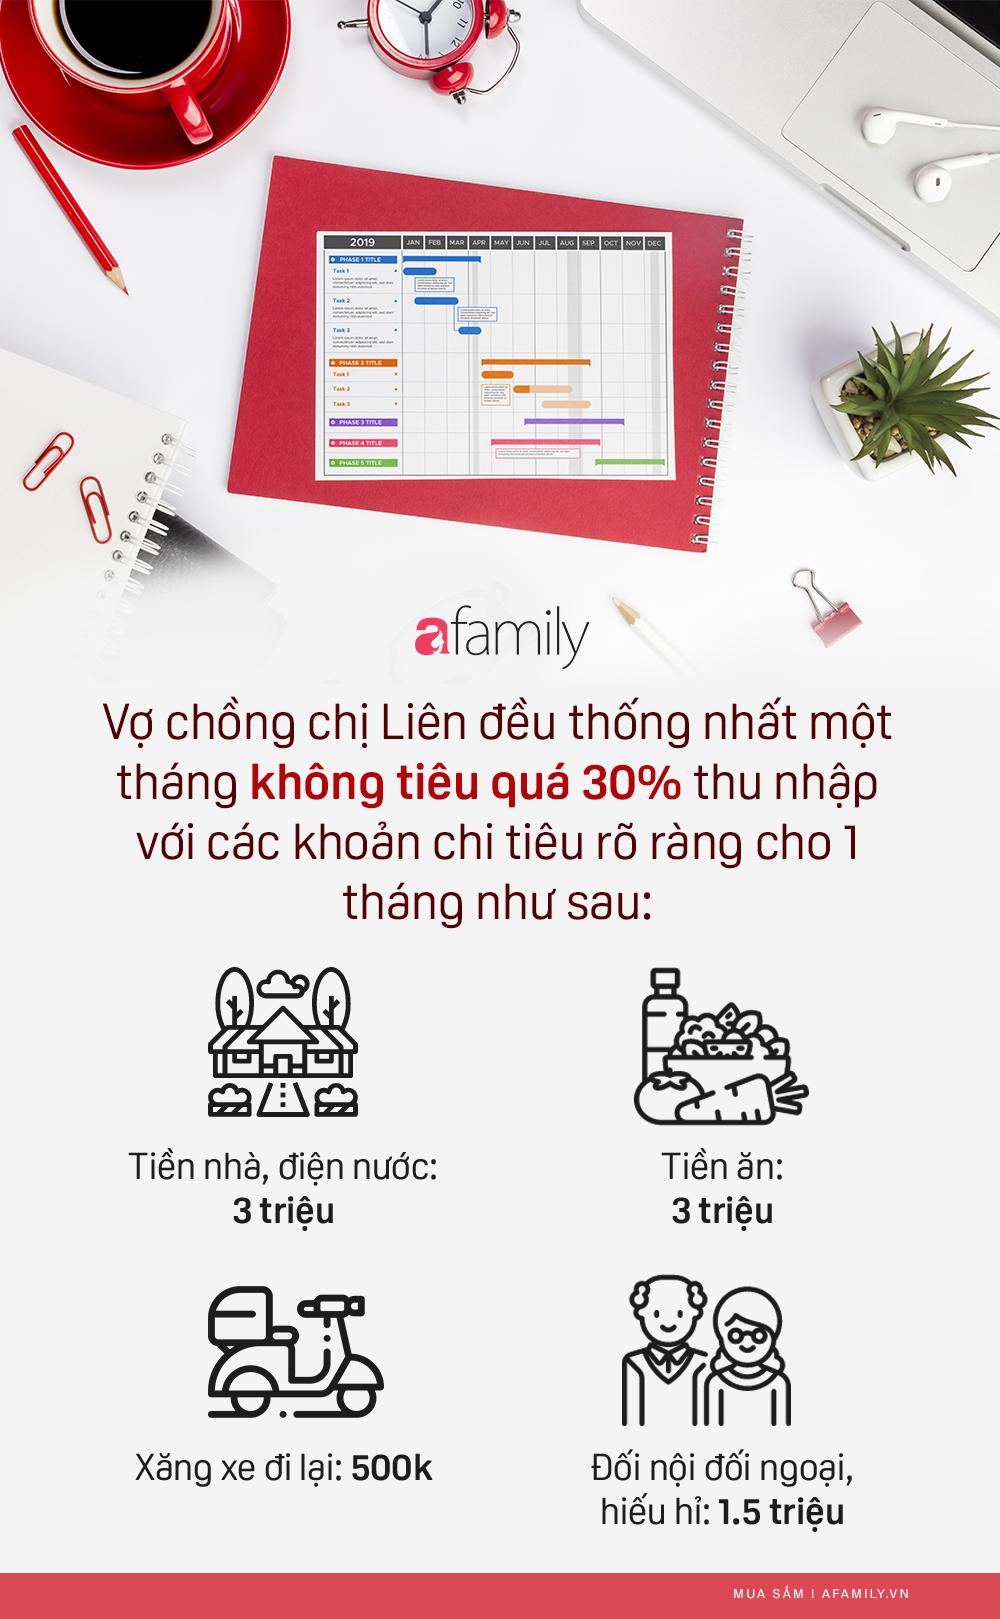 Chỉ tiêu 30% thu nhập, sau 4 năm cưới cặp vợ chồng trẻ bằng tuổi sắm nhà Hà Nội, còn tiết kiệm được hơn 2 tỷ - Ảnh 3.